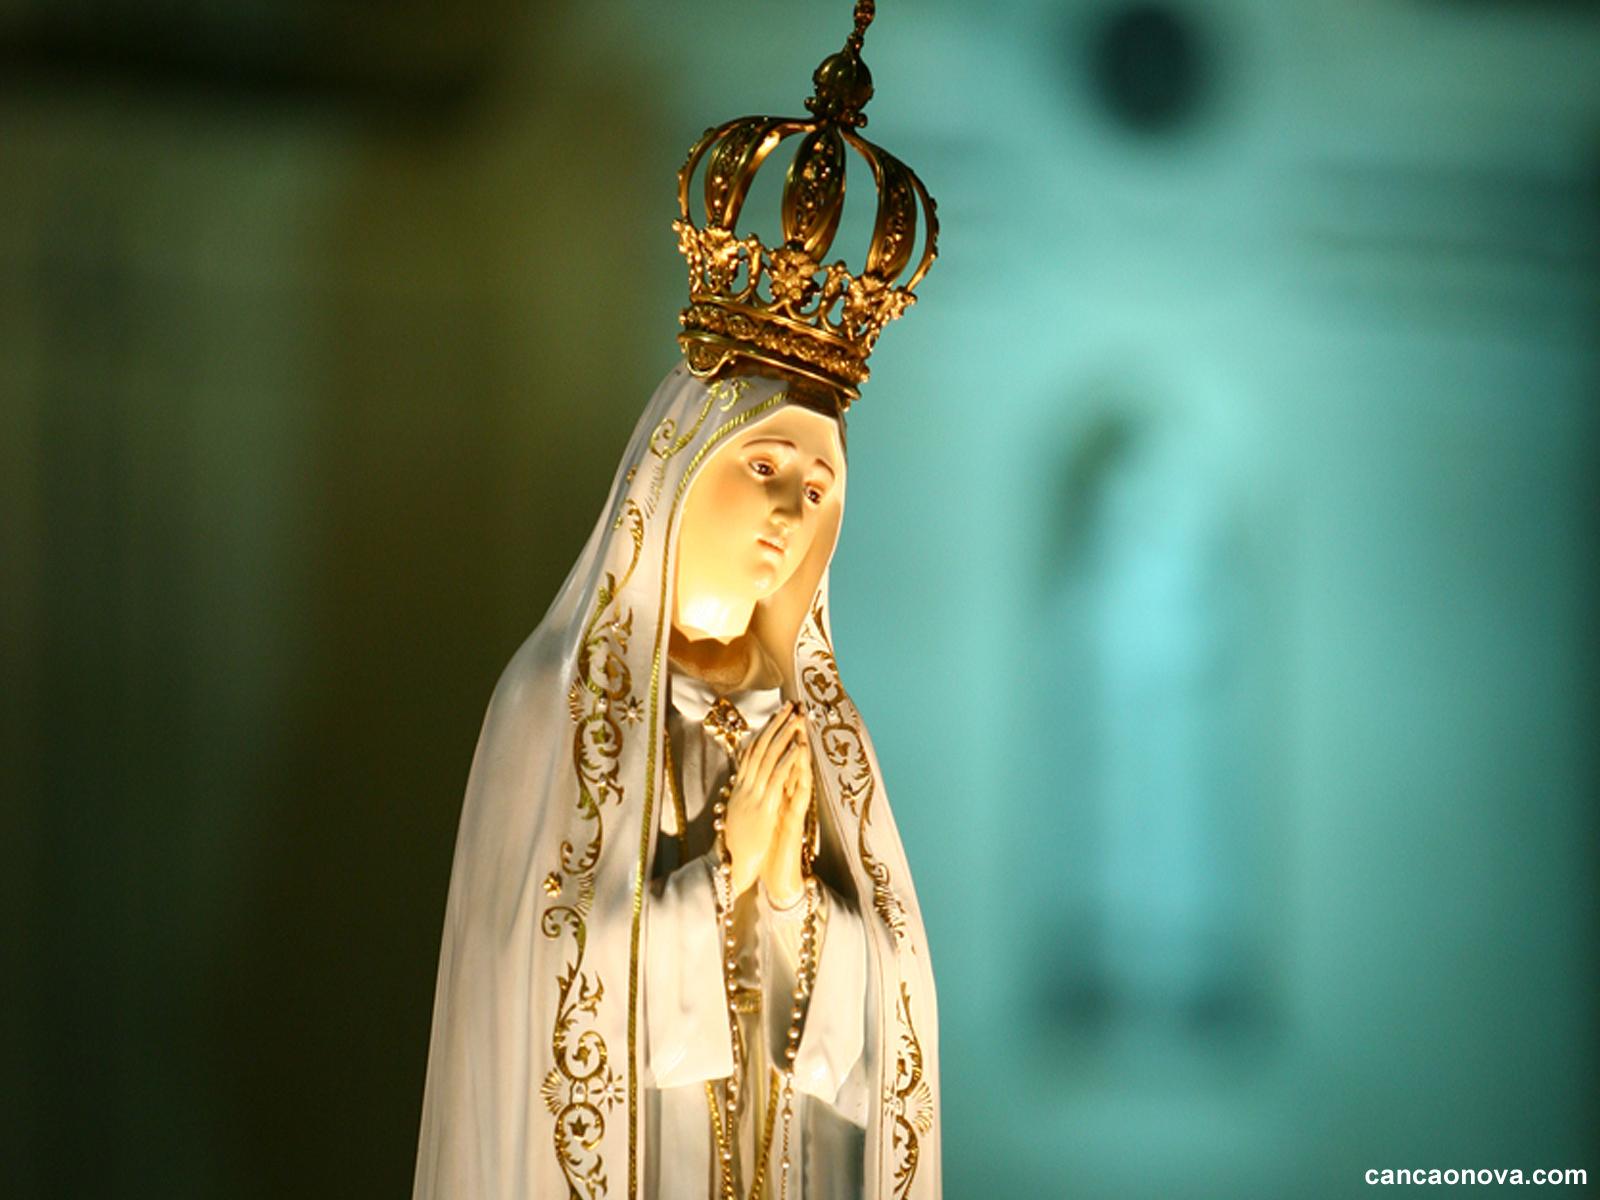 Como relacionar-se com Nossa Senhora no dia a dia